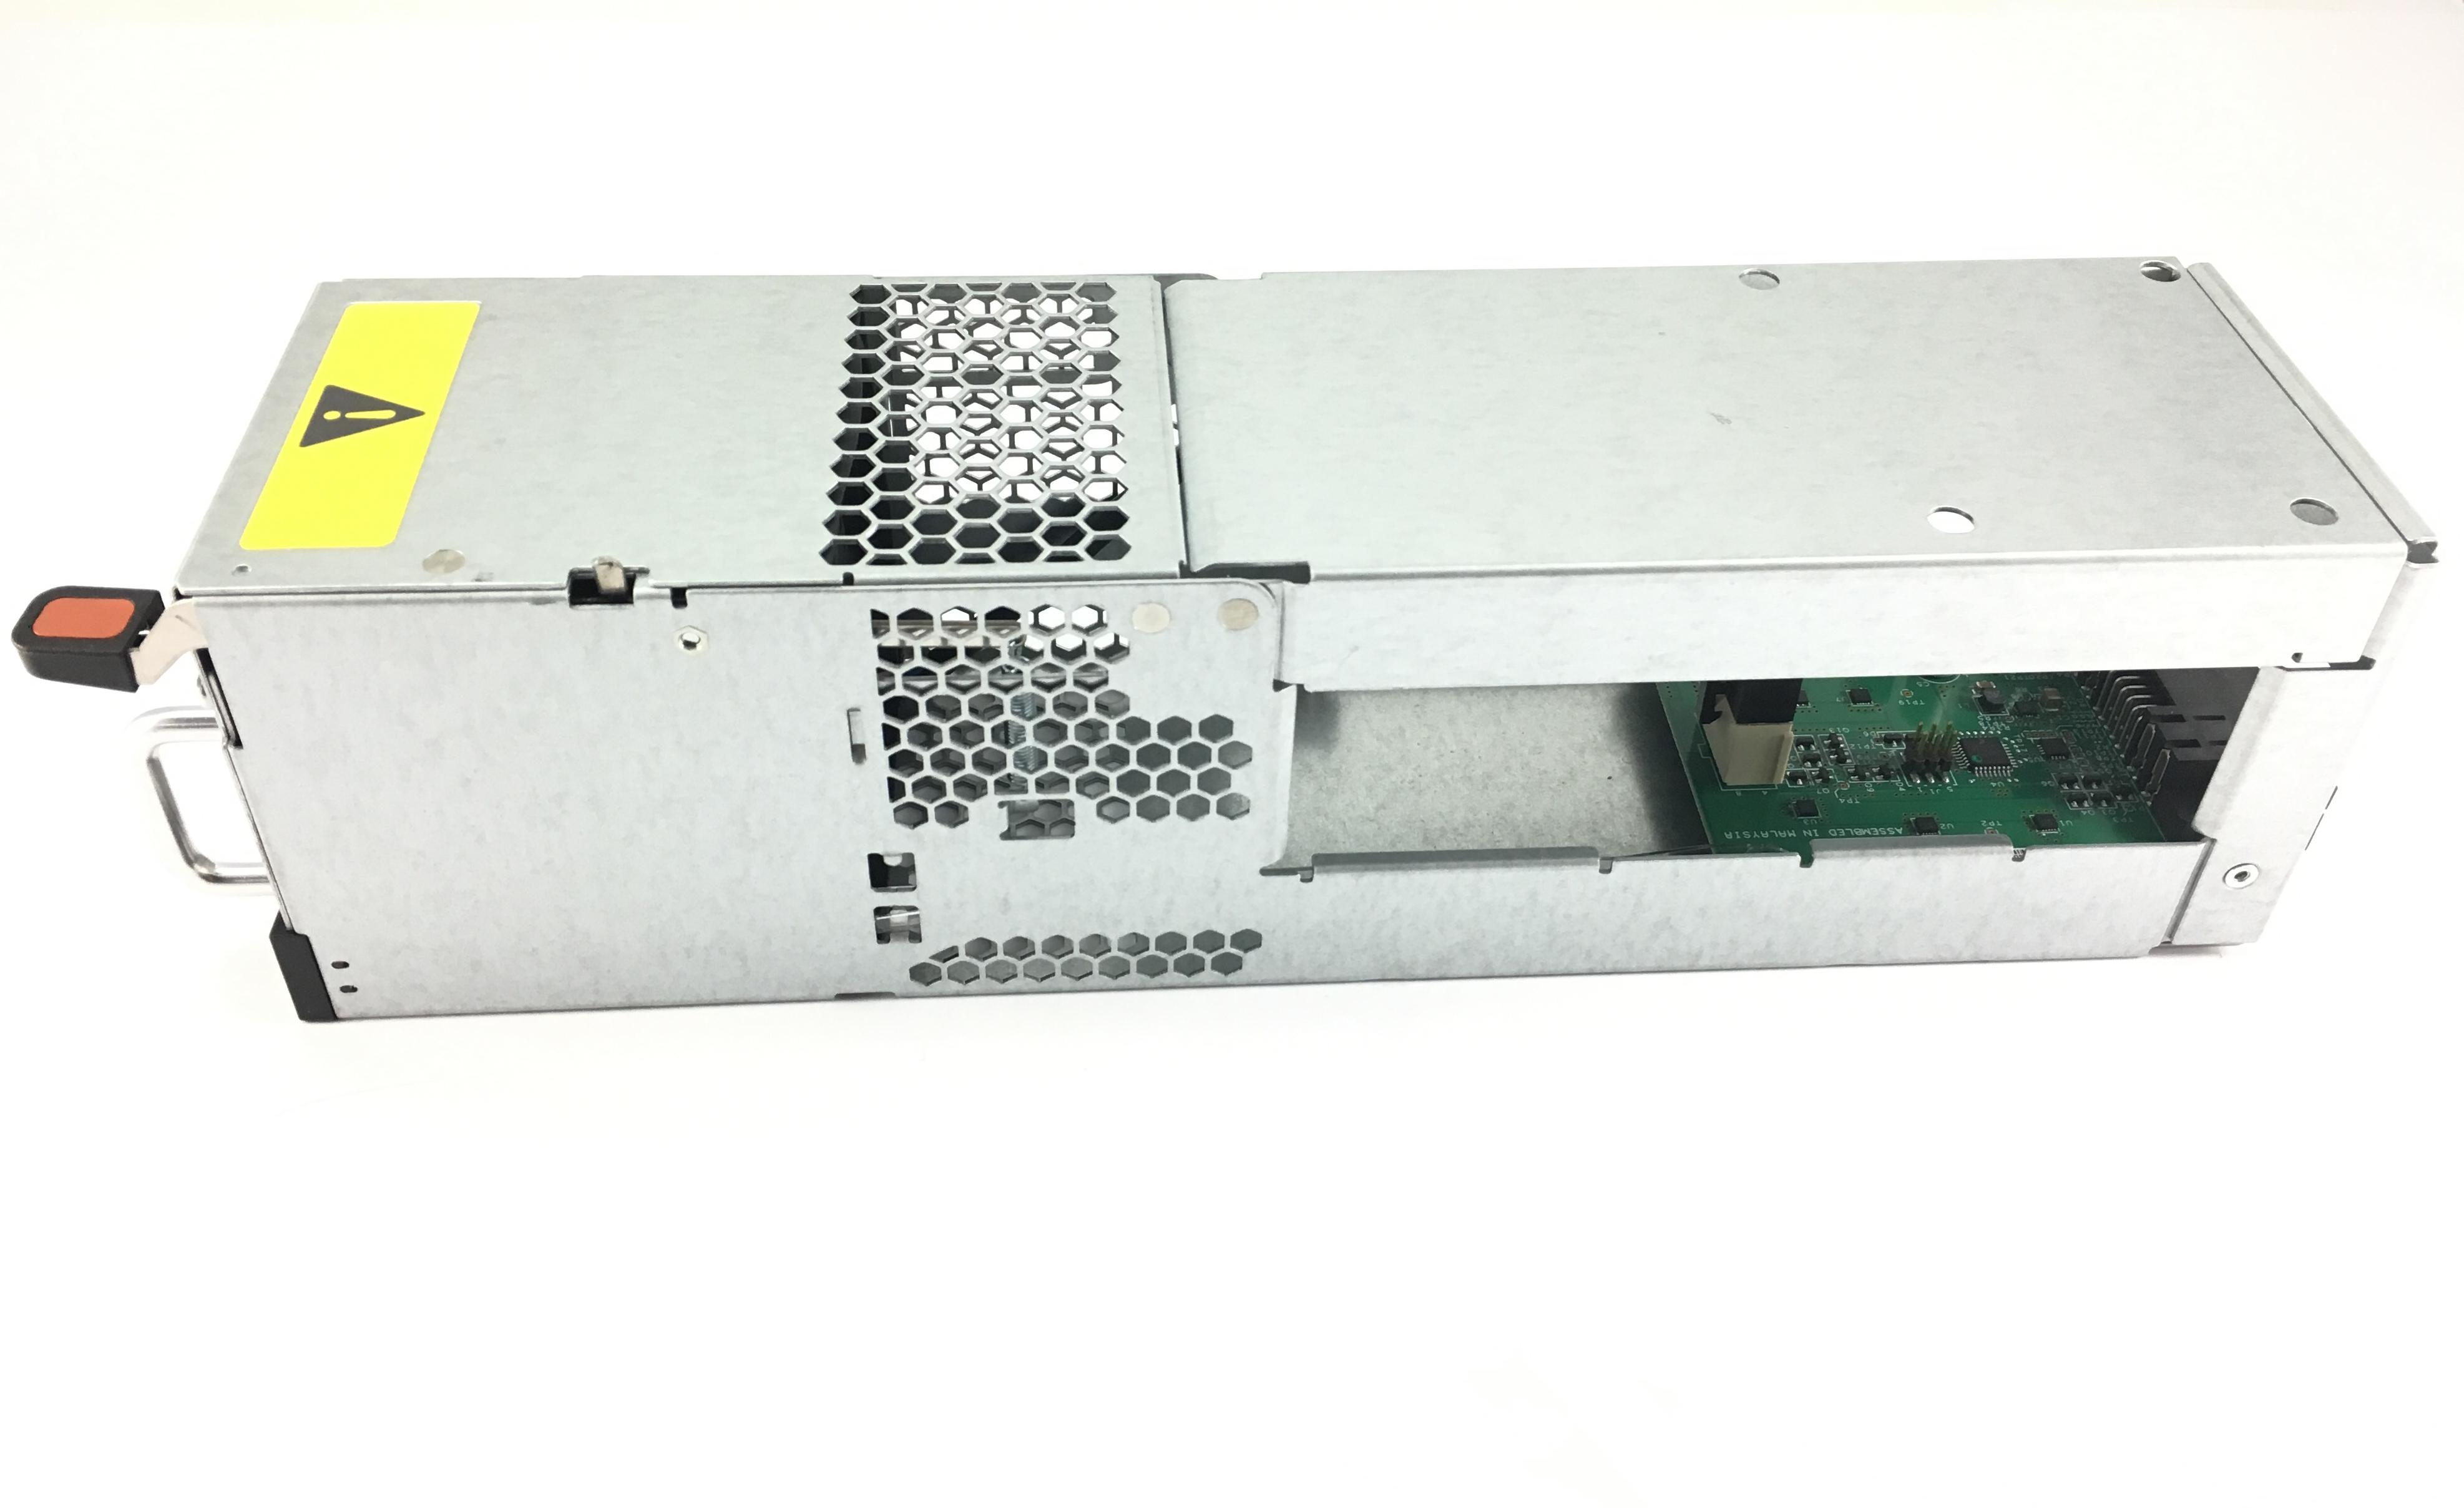 Dell Sc180 Scv2080 PS6610 5U Storage Center Fan Module (FRG2F)